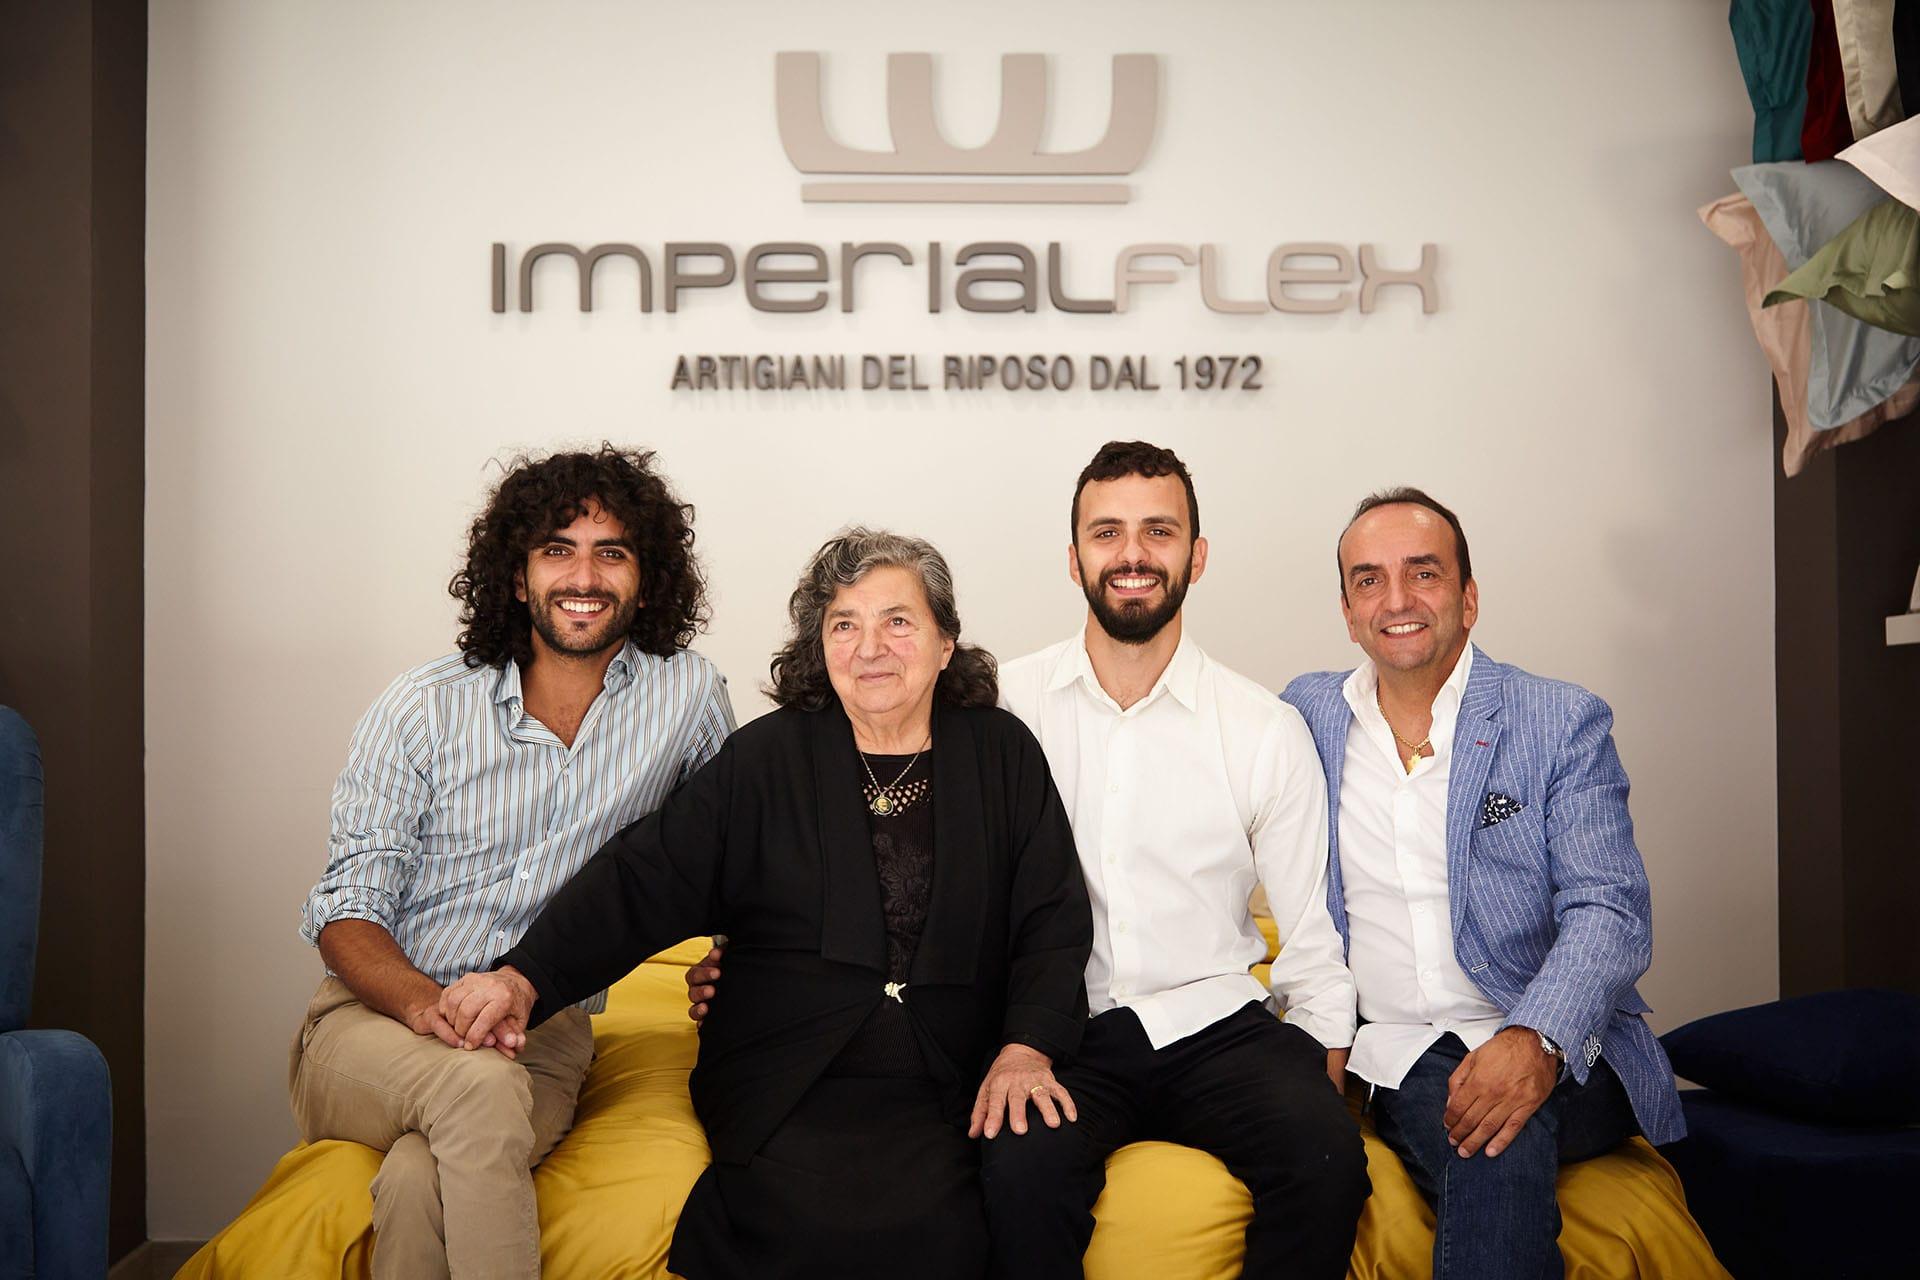 Storia di Imperialflex un'azienda di artigiani del riposo